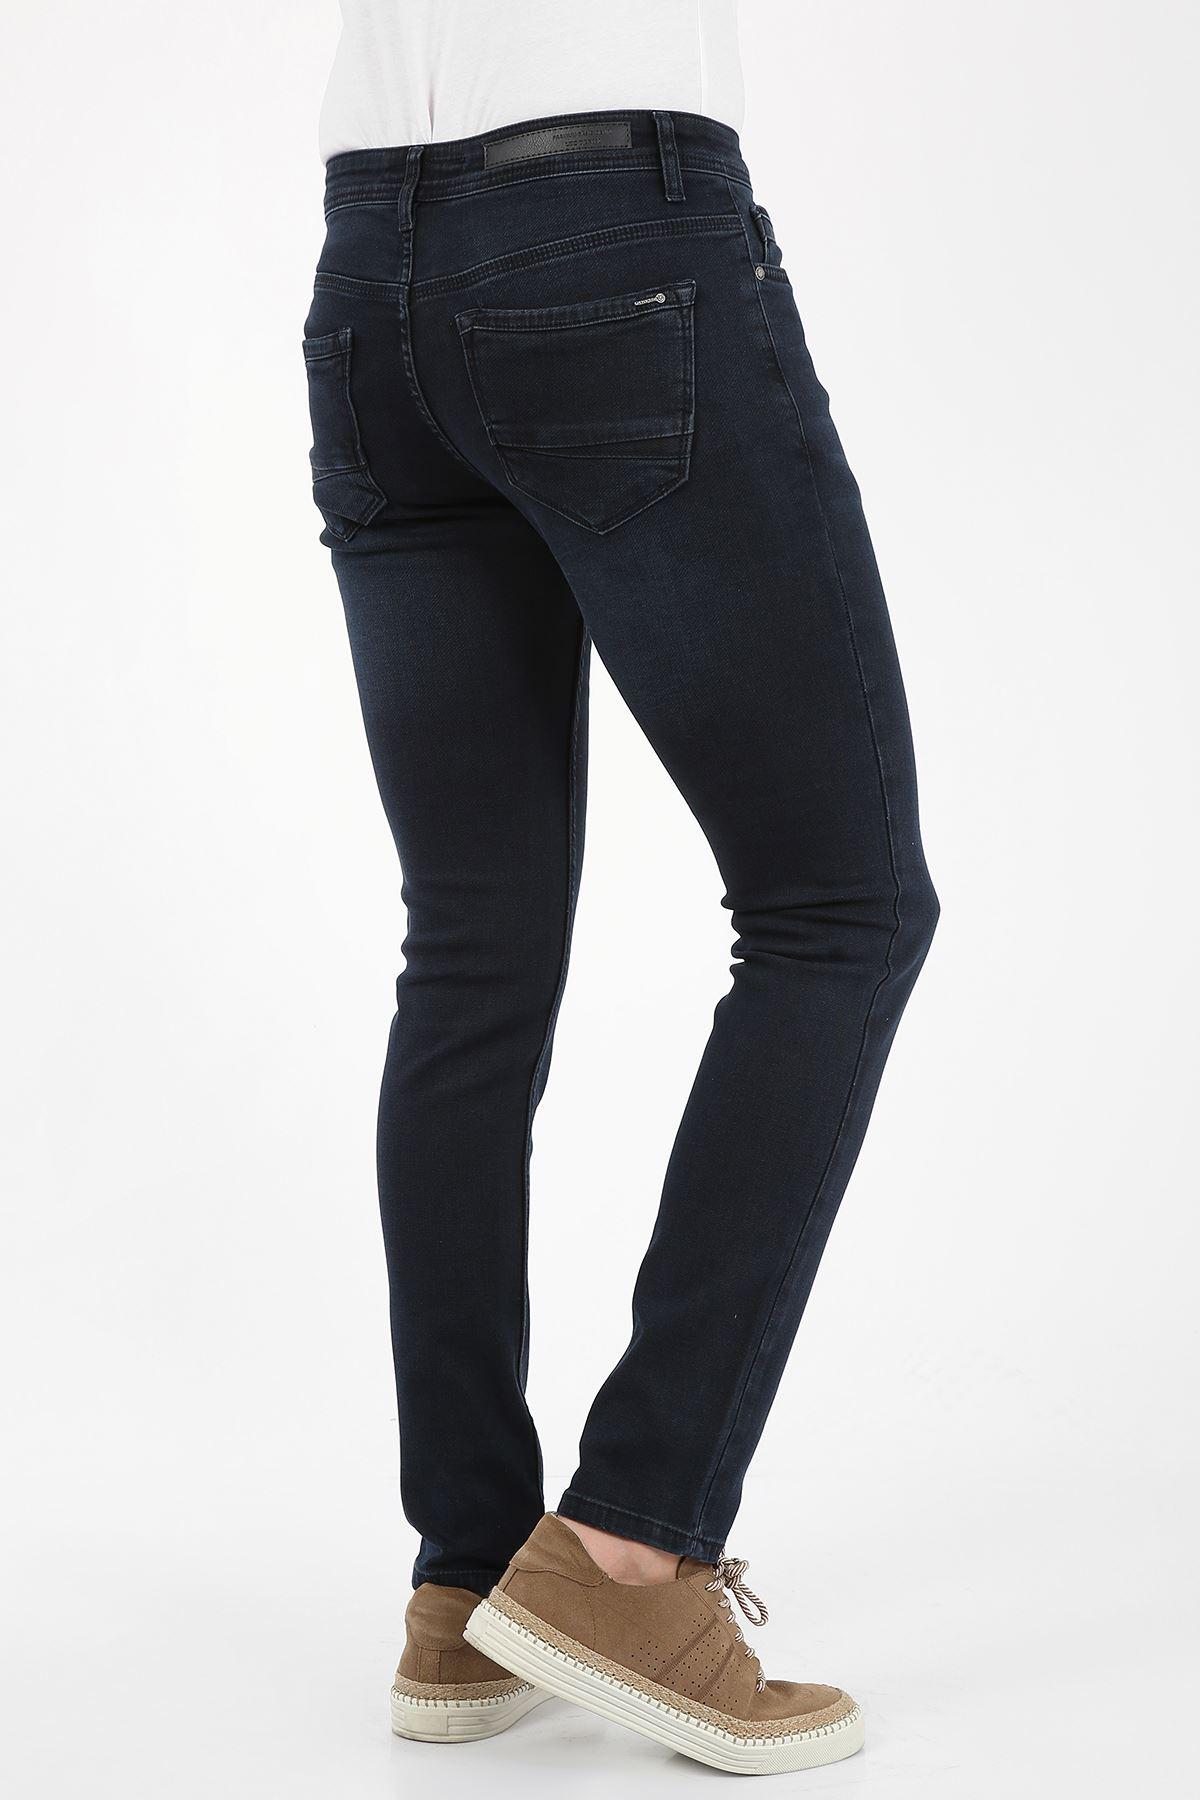 Lacivert Yumaşak Doku Yarı Slim Fermuarlı Erkek Jeans Pantolon-SAWYER